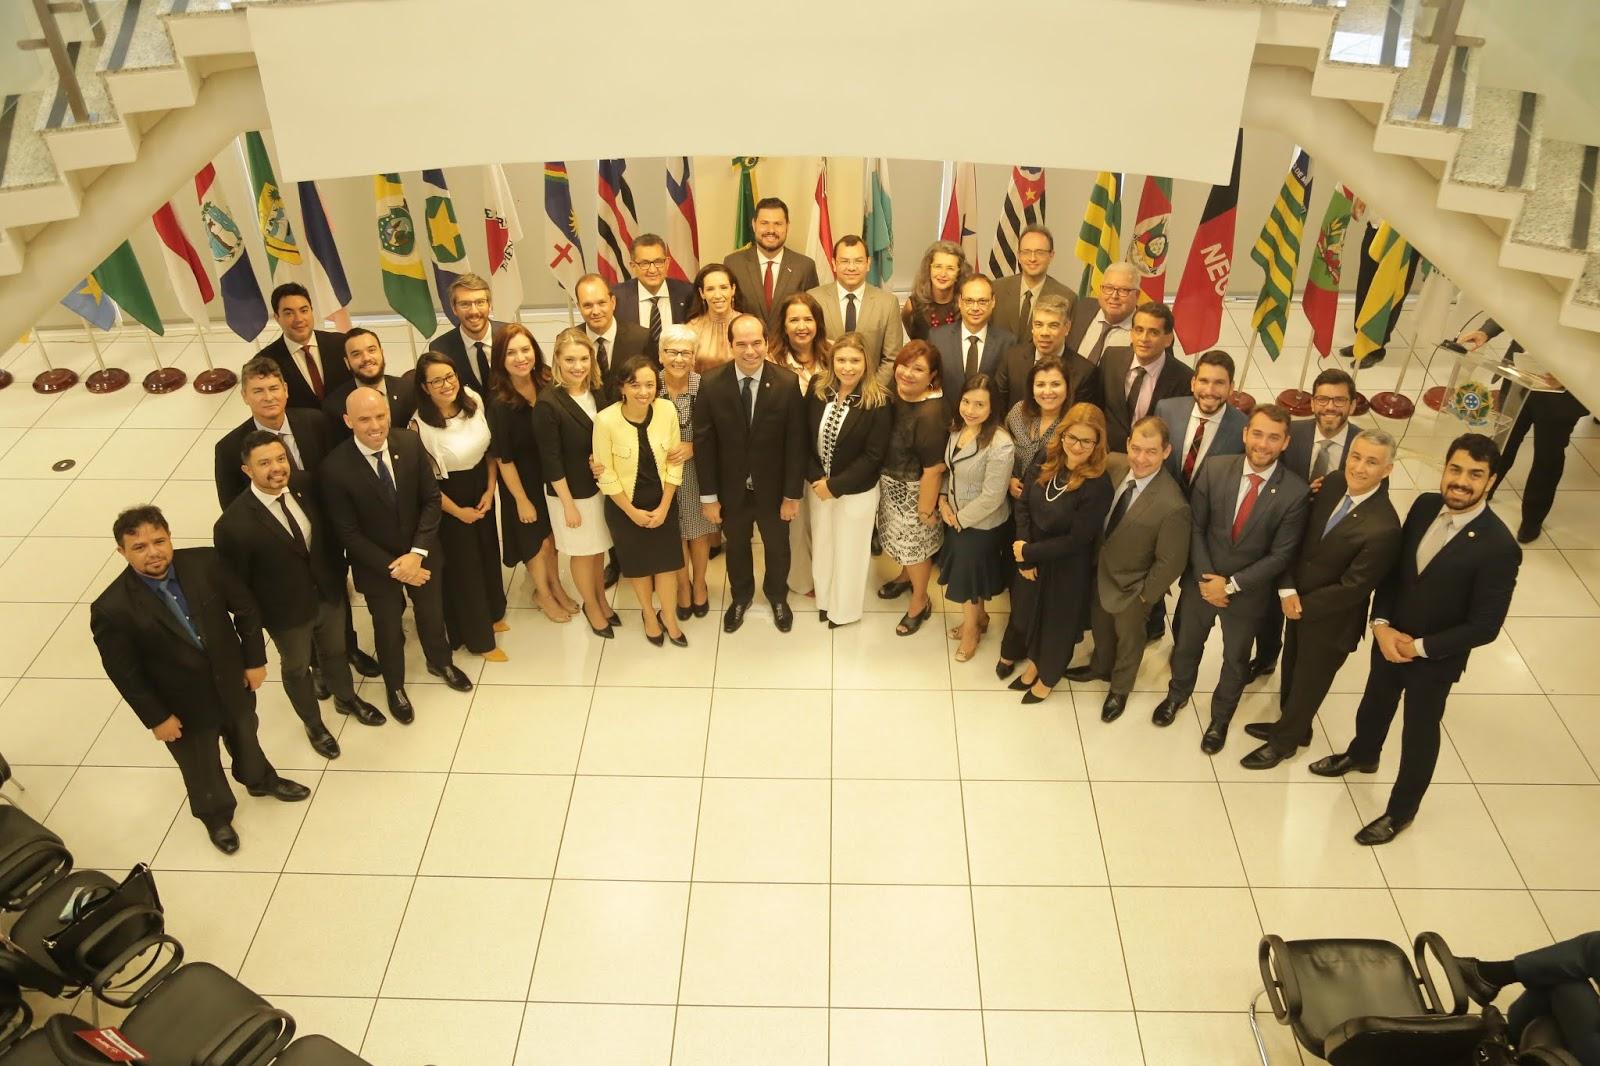 Procuradora-chefe do MPT no PA e AP é reconduzida ao cargo; posse foi nesta 3ª em Brasília